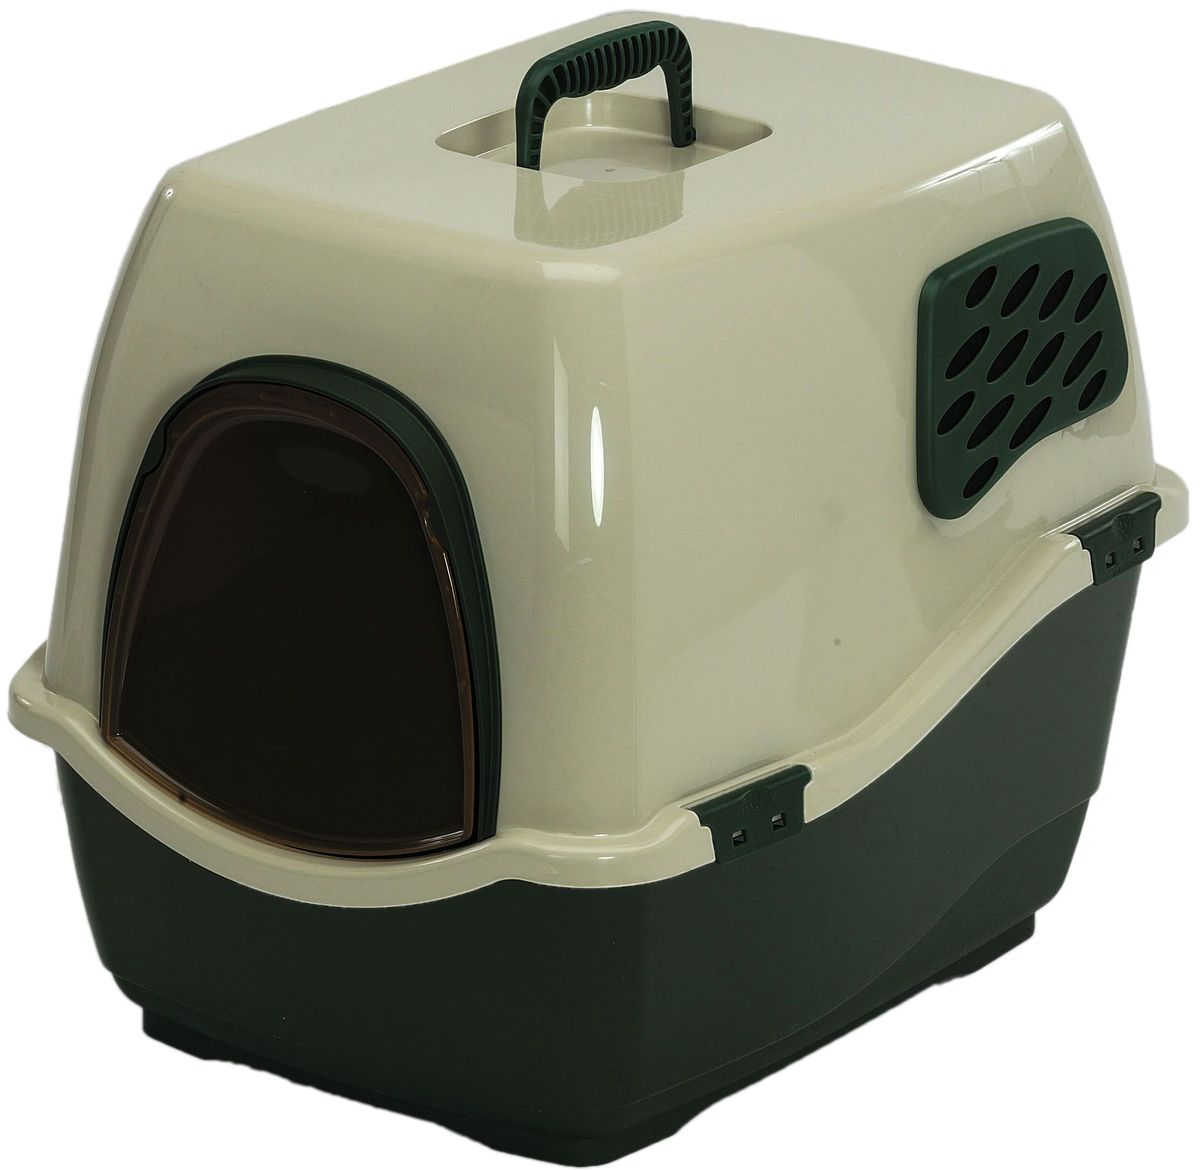 Био-туалет для кошек Marchioro Bill 1F, цвет: зеленый, бежевый, 50 х 40 х 42 см1065102200066Пластиковый био-туалет поможет защитить дом от неприятных запахов и придется по нраву даже самым привередливым питомцам. Закрытый био-туалет Marchioro Bill 1Fс угольным фильтром препятствует распространению неприятных запахов.Подвижная передняя створка позволяет животному самостоятельно пользоваться туалетом.В комплект входит фильтр, дверка и ручка. Фильтр необходимо менять каждые 3-6 месяцев. Размер 50 х 40 х 42 см.